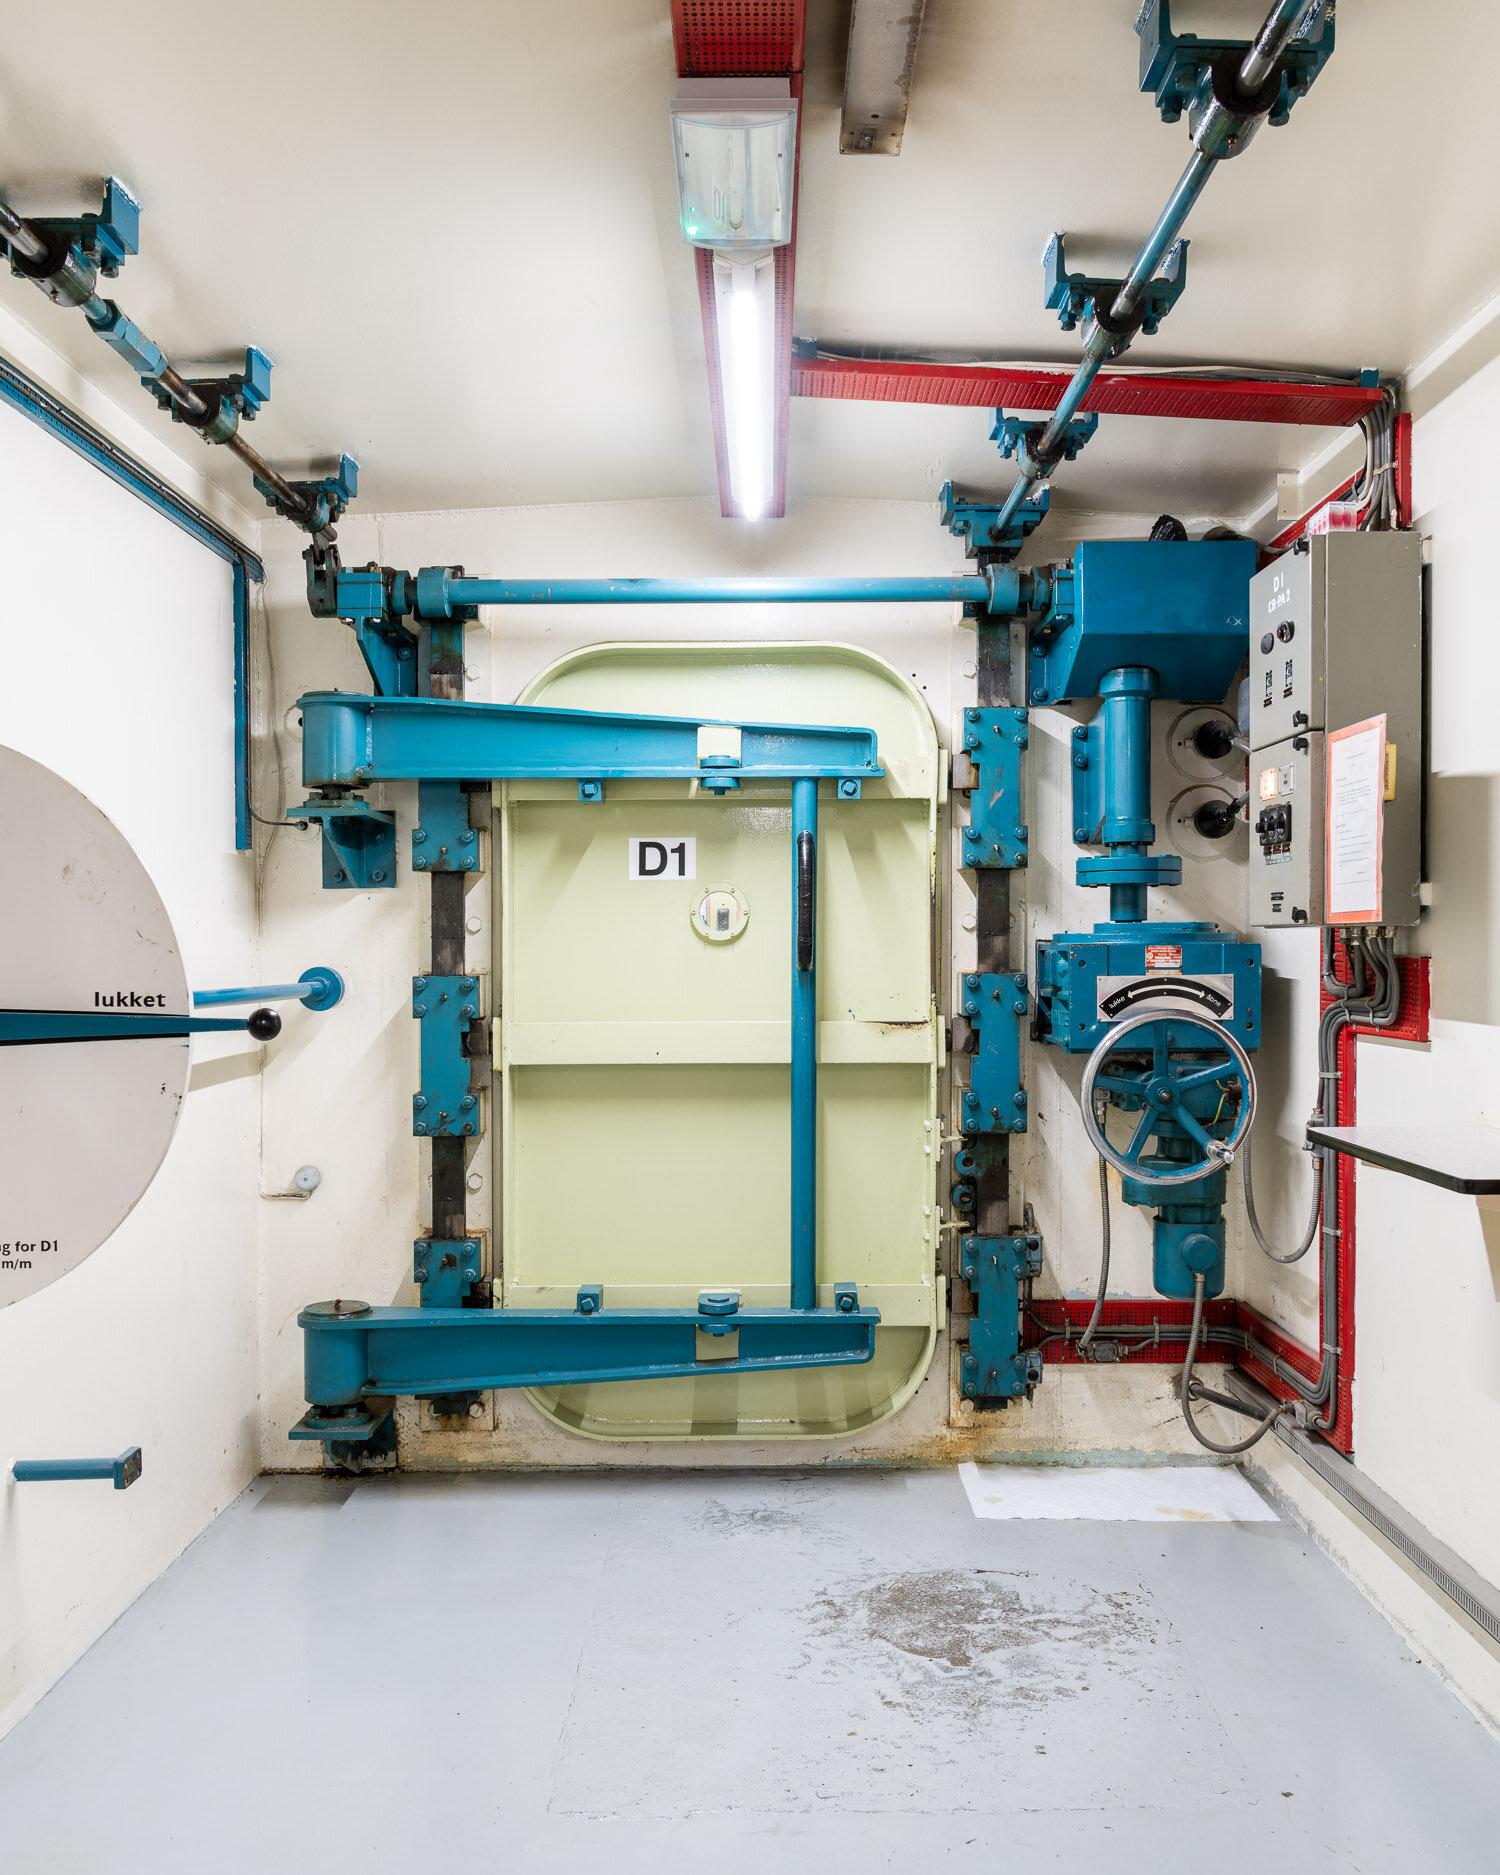 Door to the Dansk Reaktor 3 nuclear reactor, built in 1960